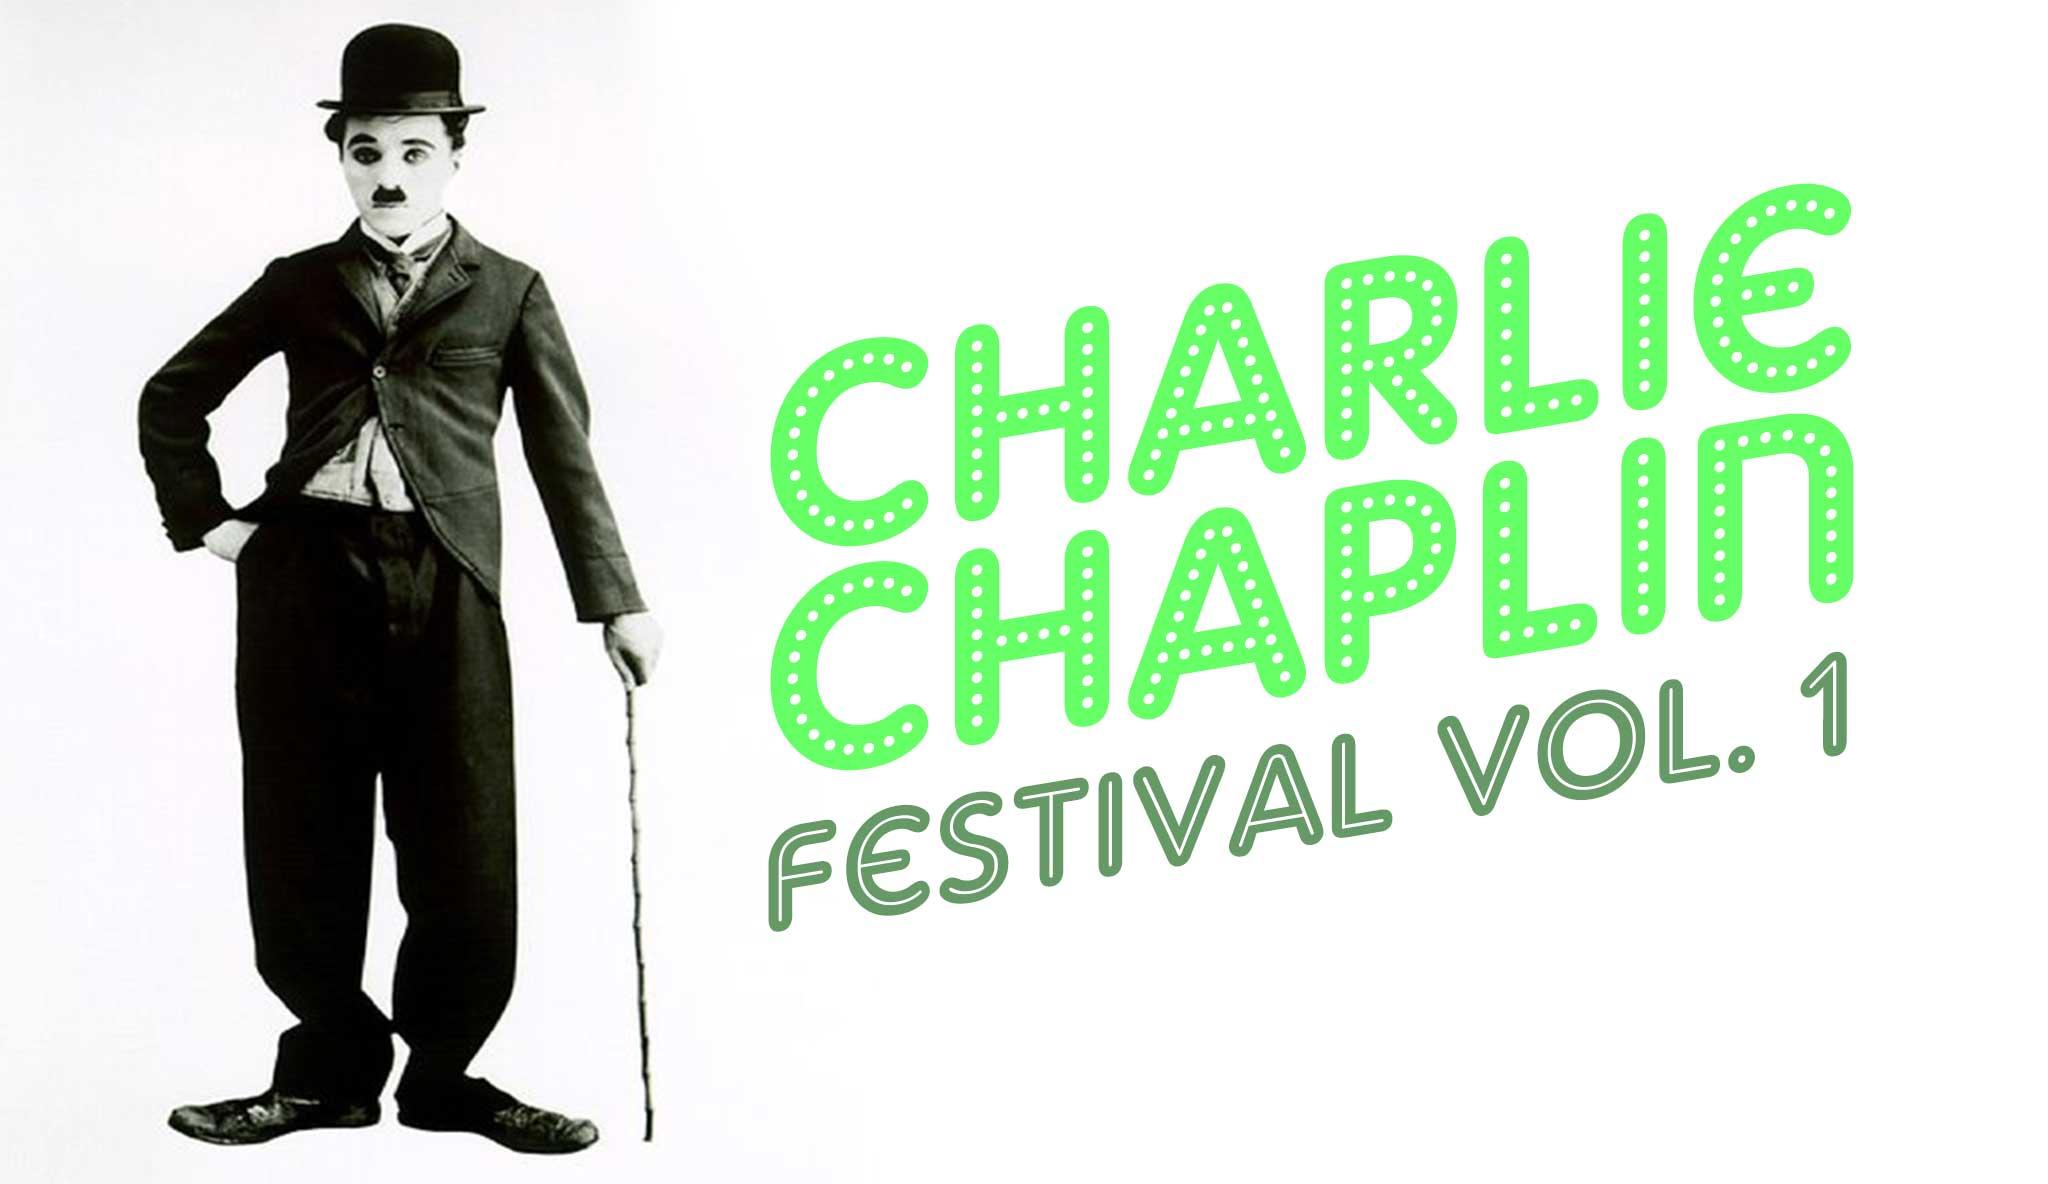 charlie-chaplin-festival-vol-1\header.jpg